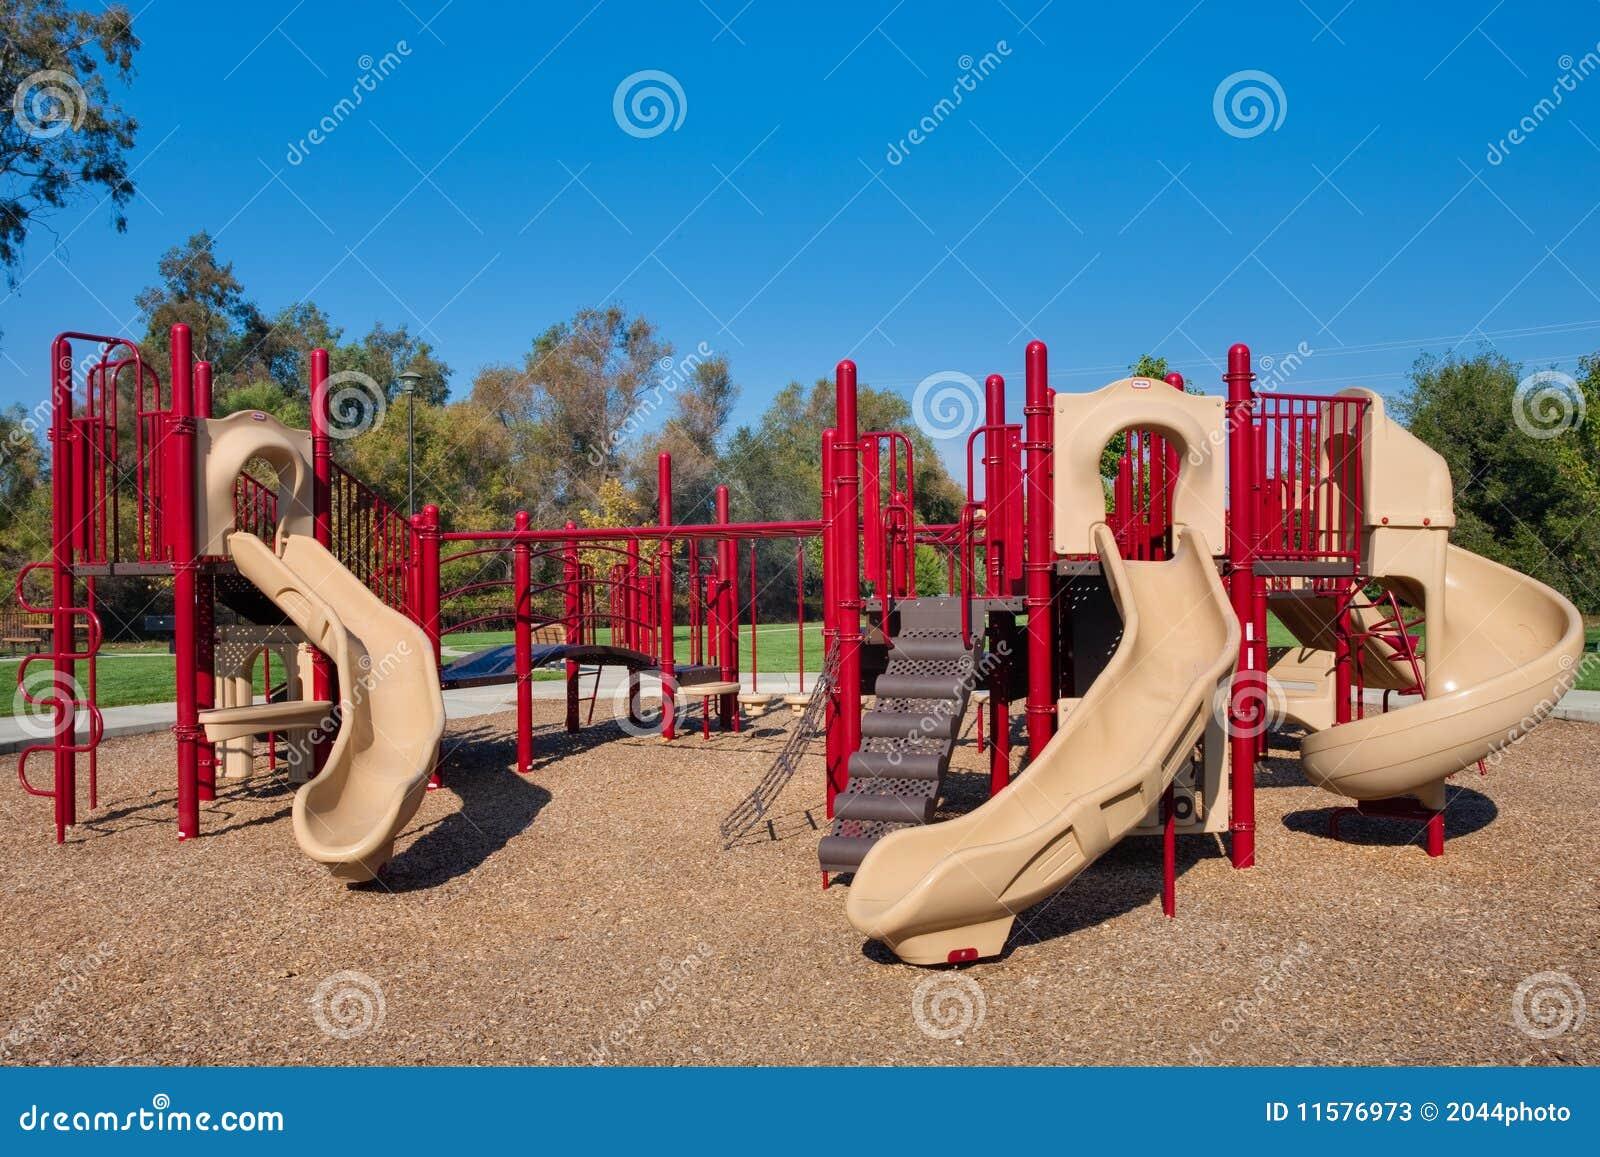 Children s Playground Structure